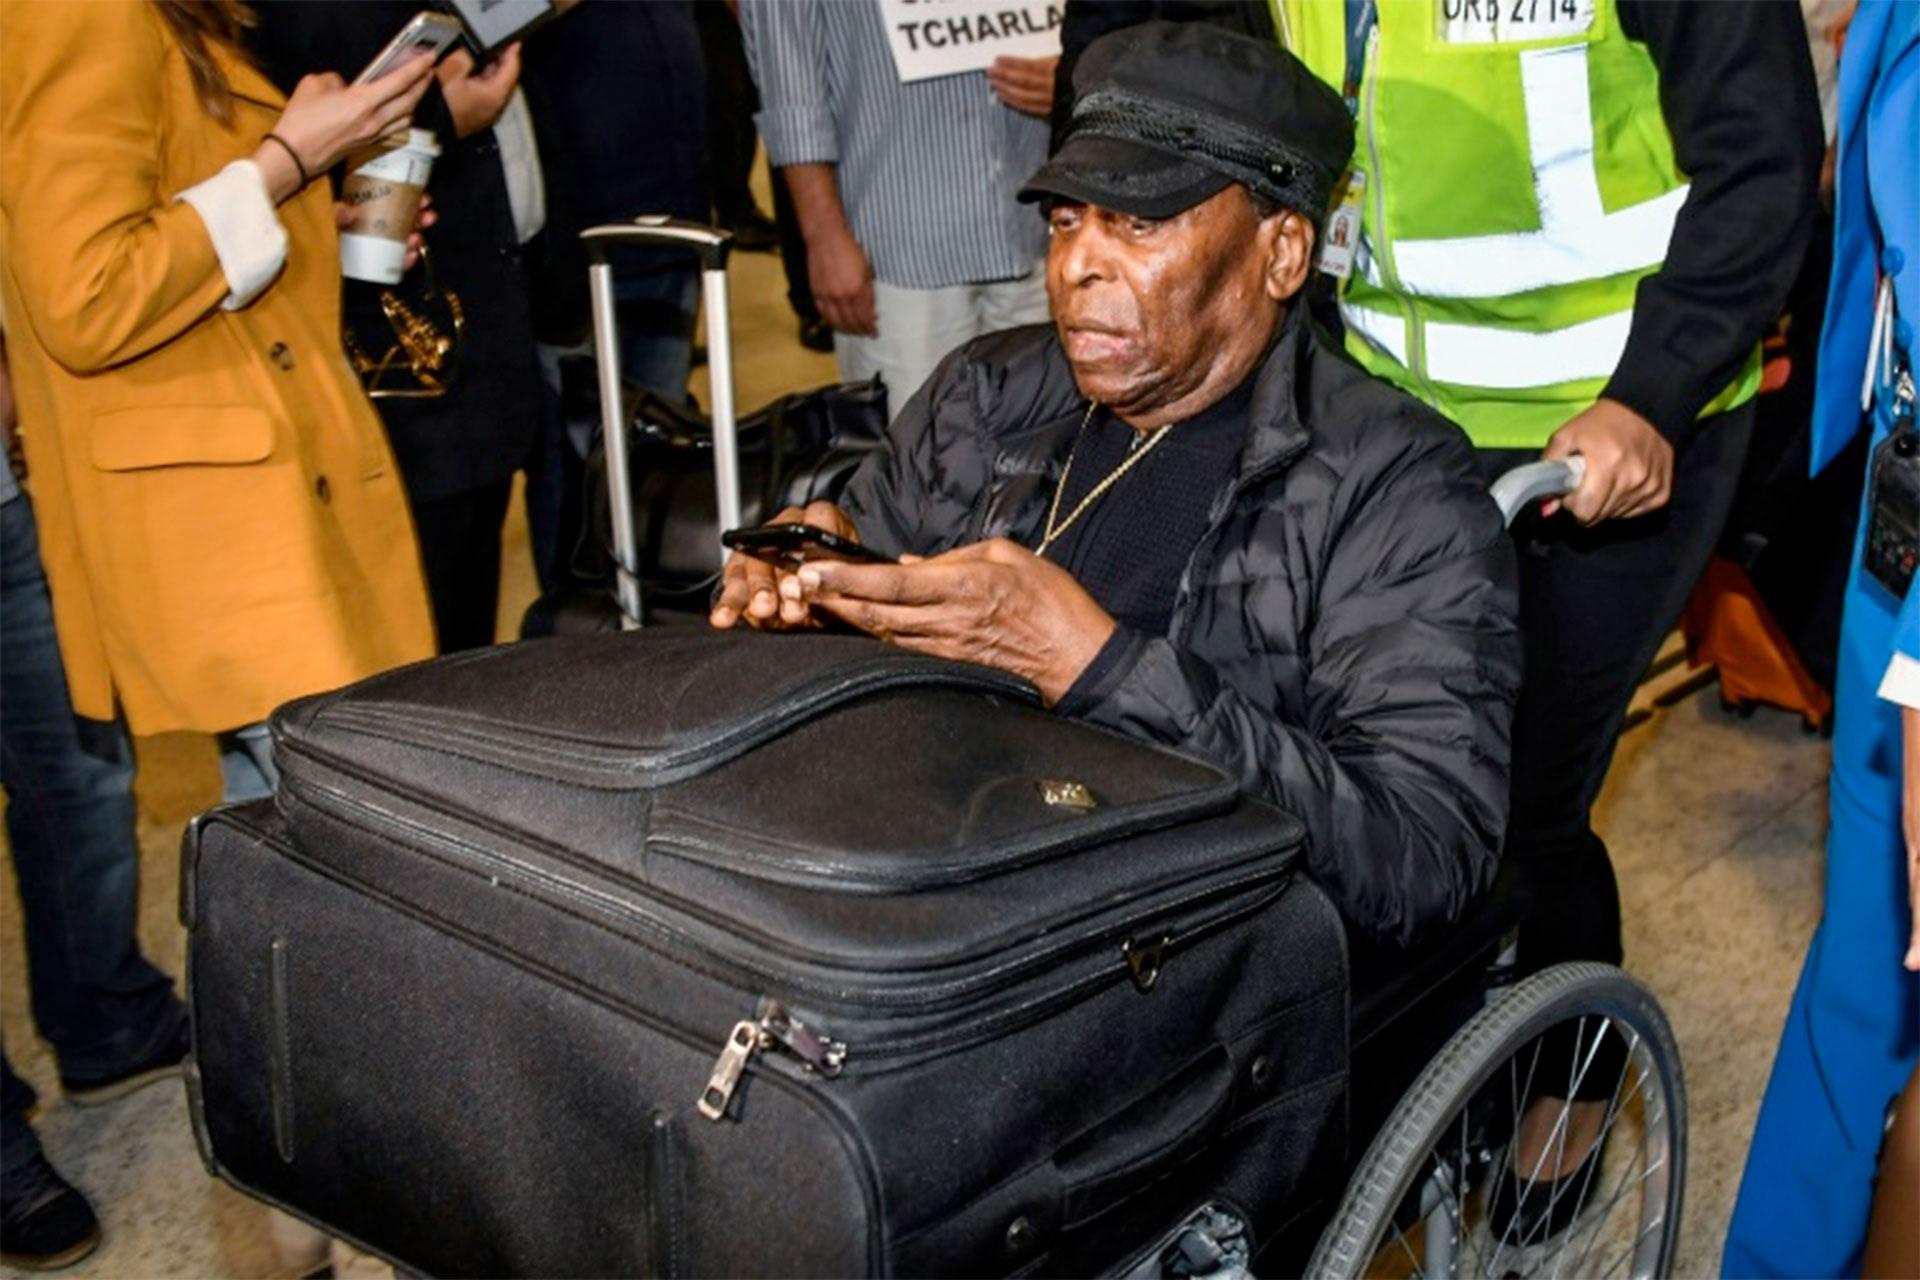 Pelé llega al aeropuerto internacional Guarulhos, en Guarulhos, unos 25km de Sao Paulo, Brasil, el 9 de abril de 2019 (AFP – NELSON ALMEIDA)